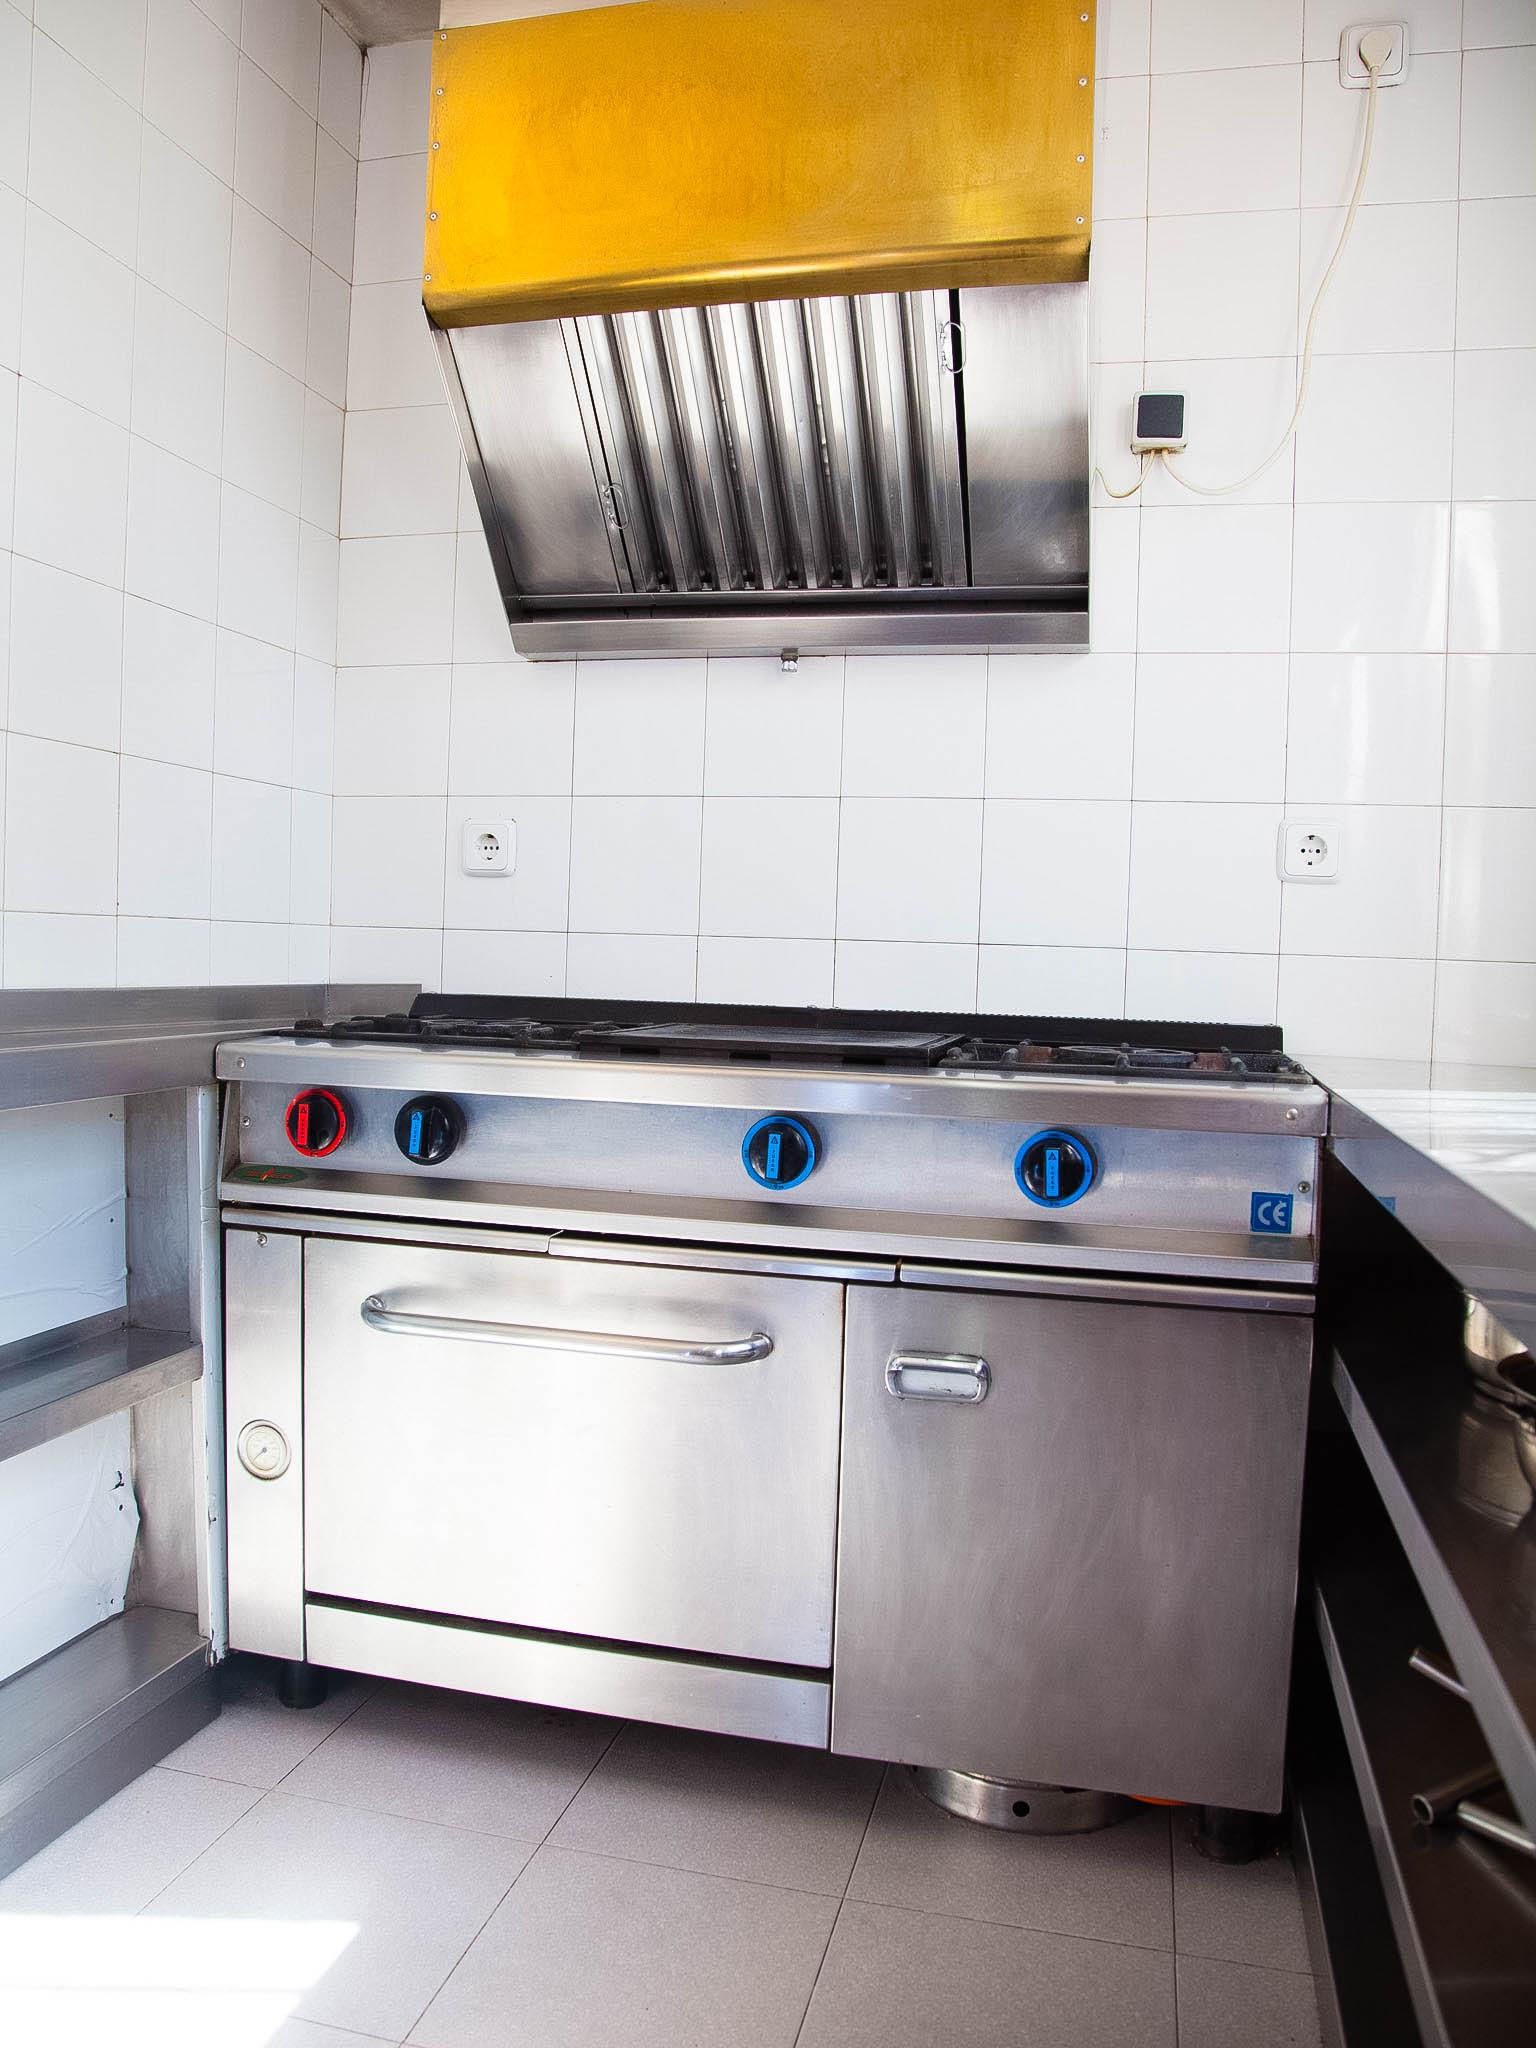 Alquiler habitaciones en mostoles alcorcon villaviciosa de od n madrid residencia de - Alquiler de habitacion en alcorcon ...